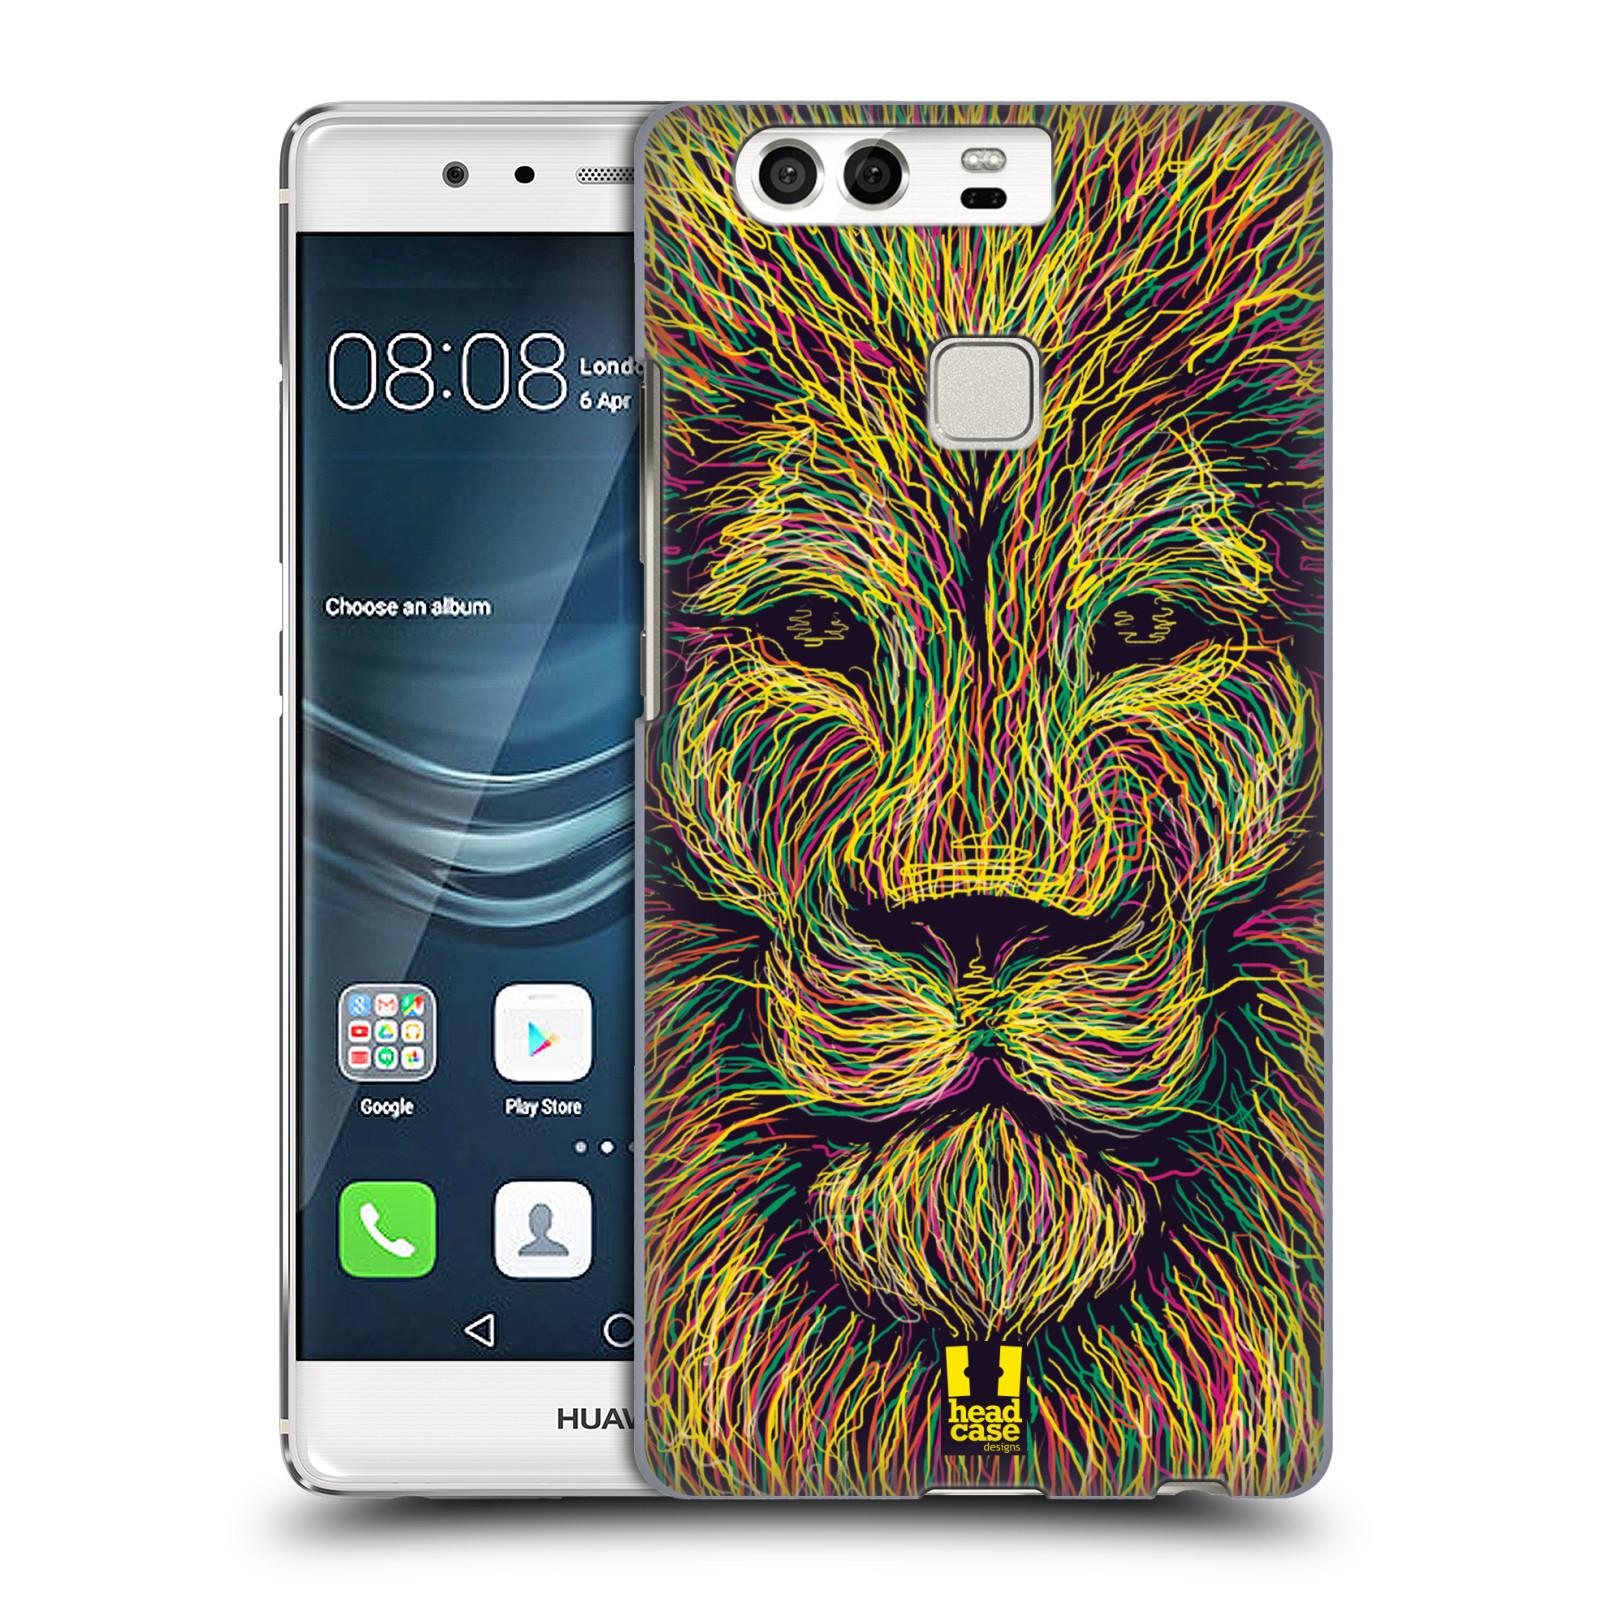 HEAD CASE plastový obal na mobil Huawei P9 / P9 DUAL SIM vzor zvíře čmáranice lev